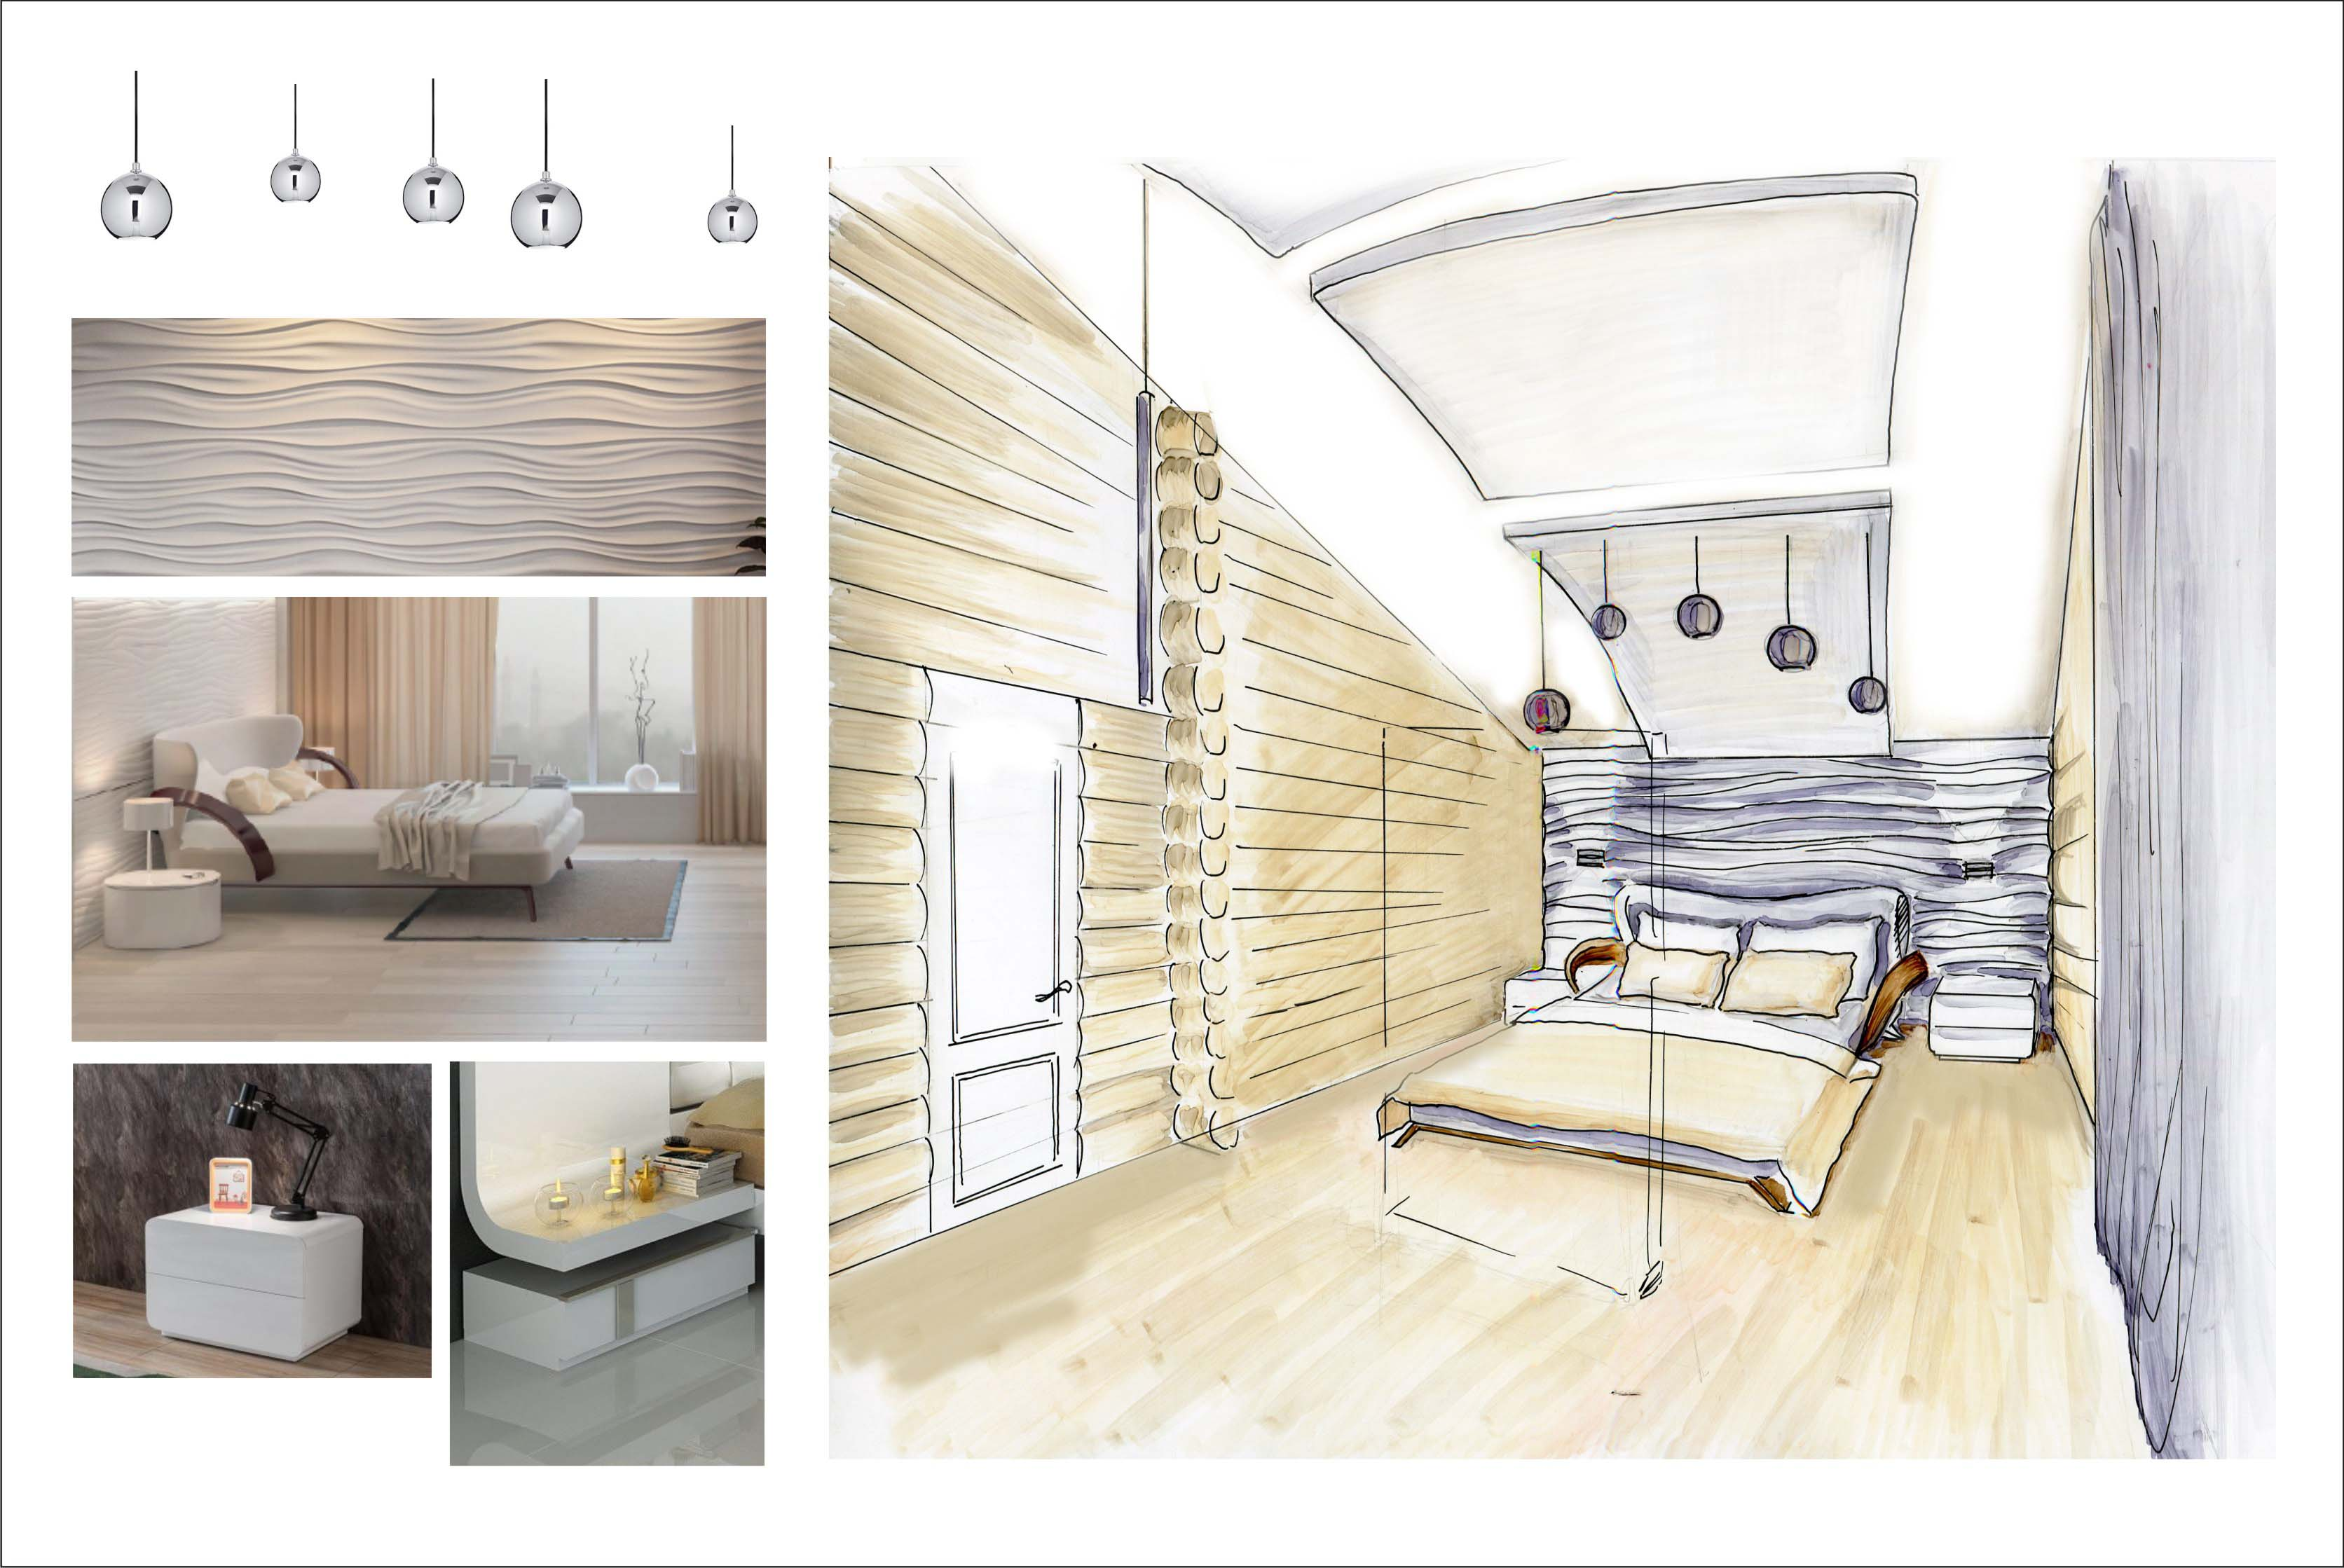 Концепция дизайна интерьера спальни в мансардном помещении